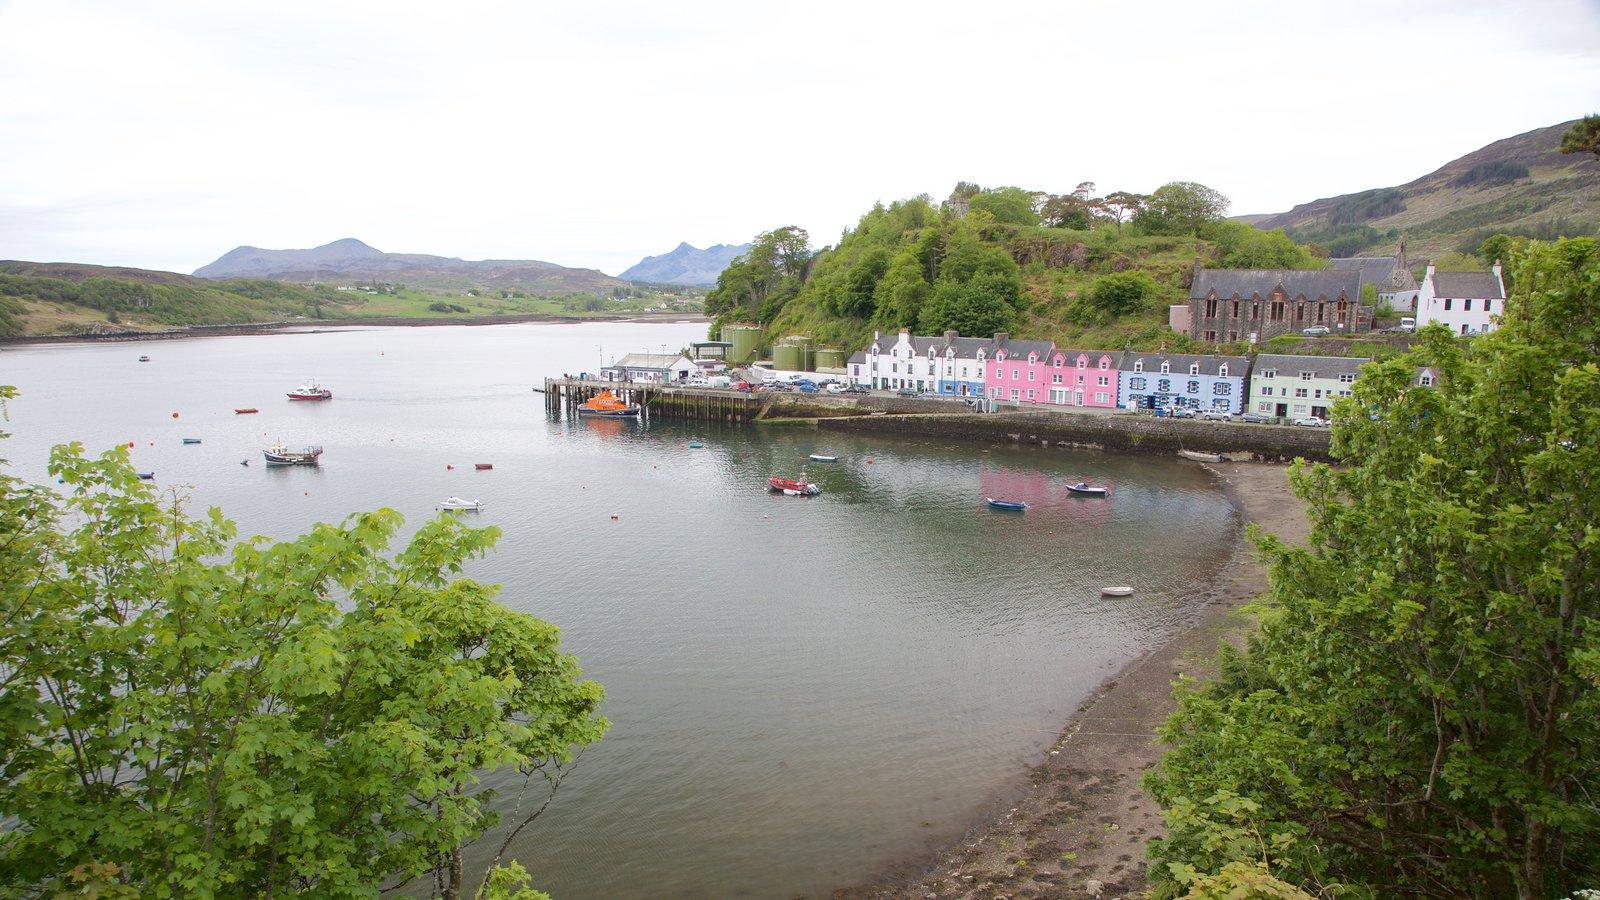 Puerto de Portree ofreciendo paseos en lancha, una bahía o puerto y un lago o abrevadero